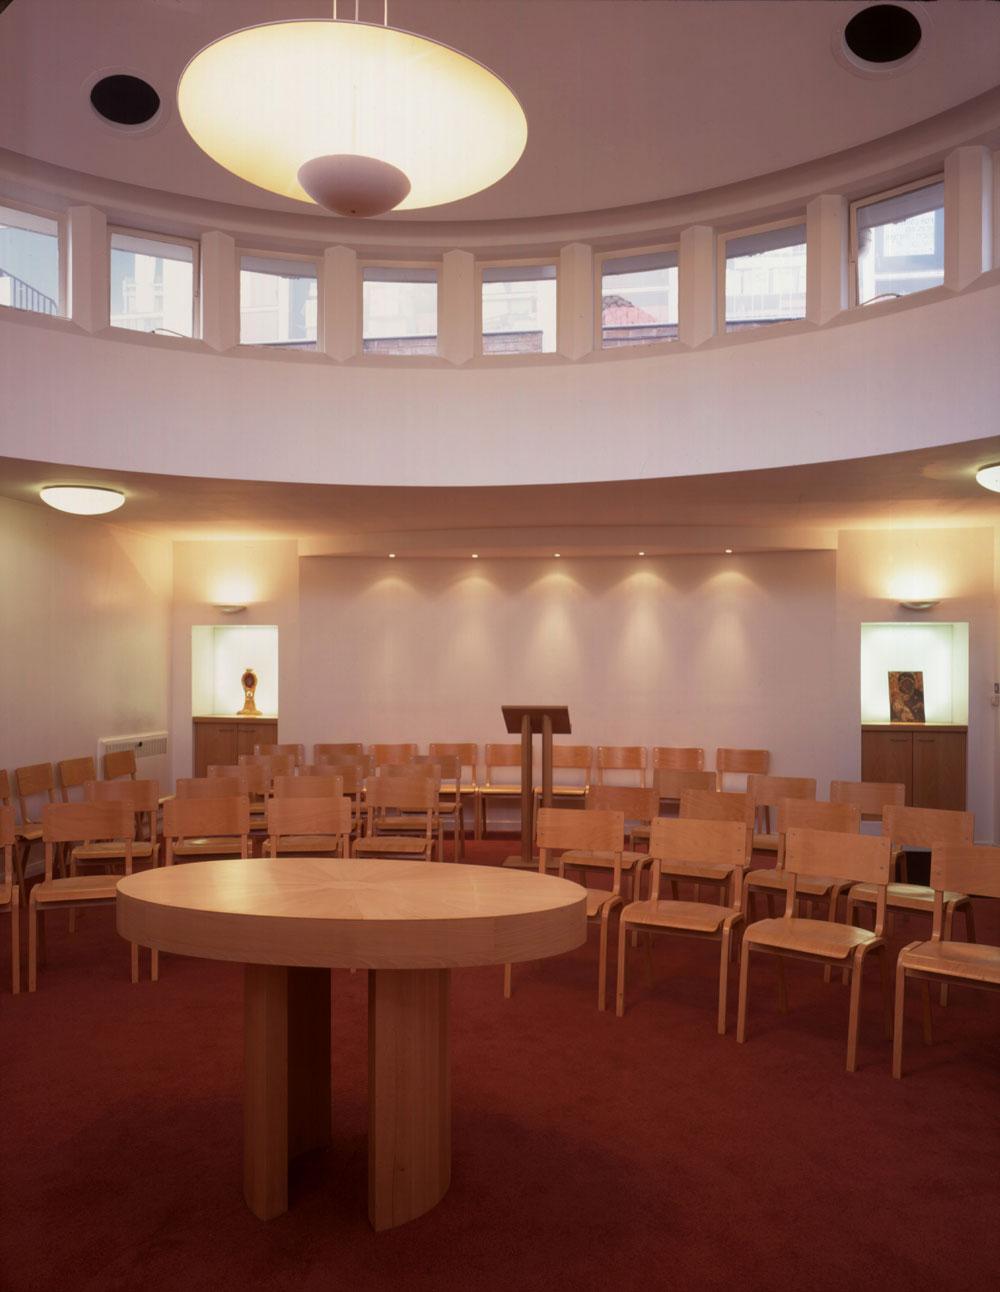 9-campion-school-chapel-1d